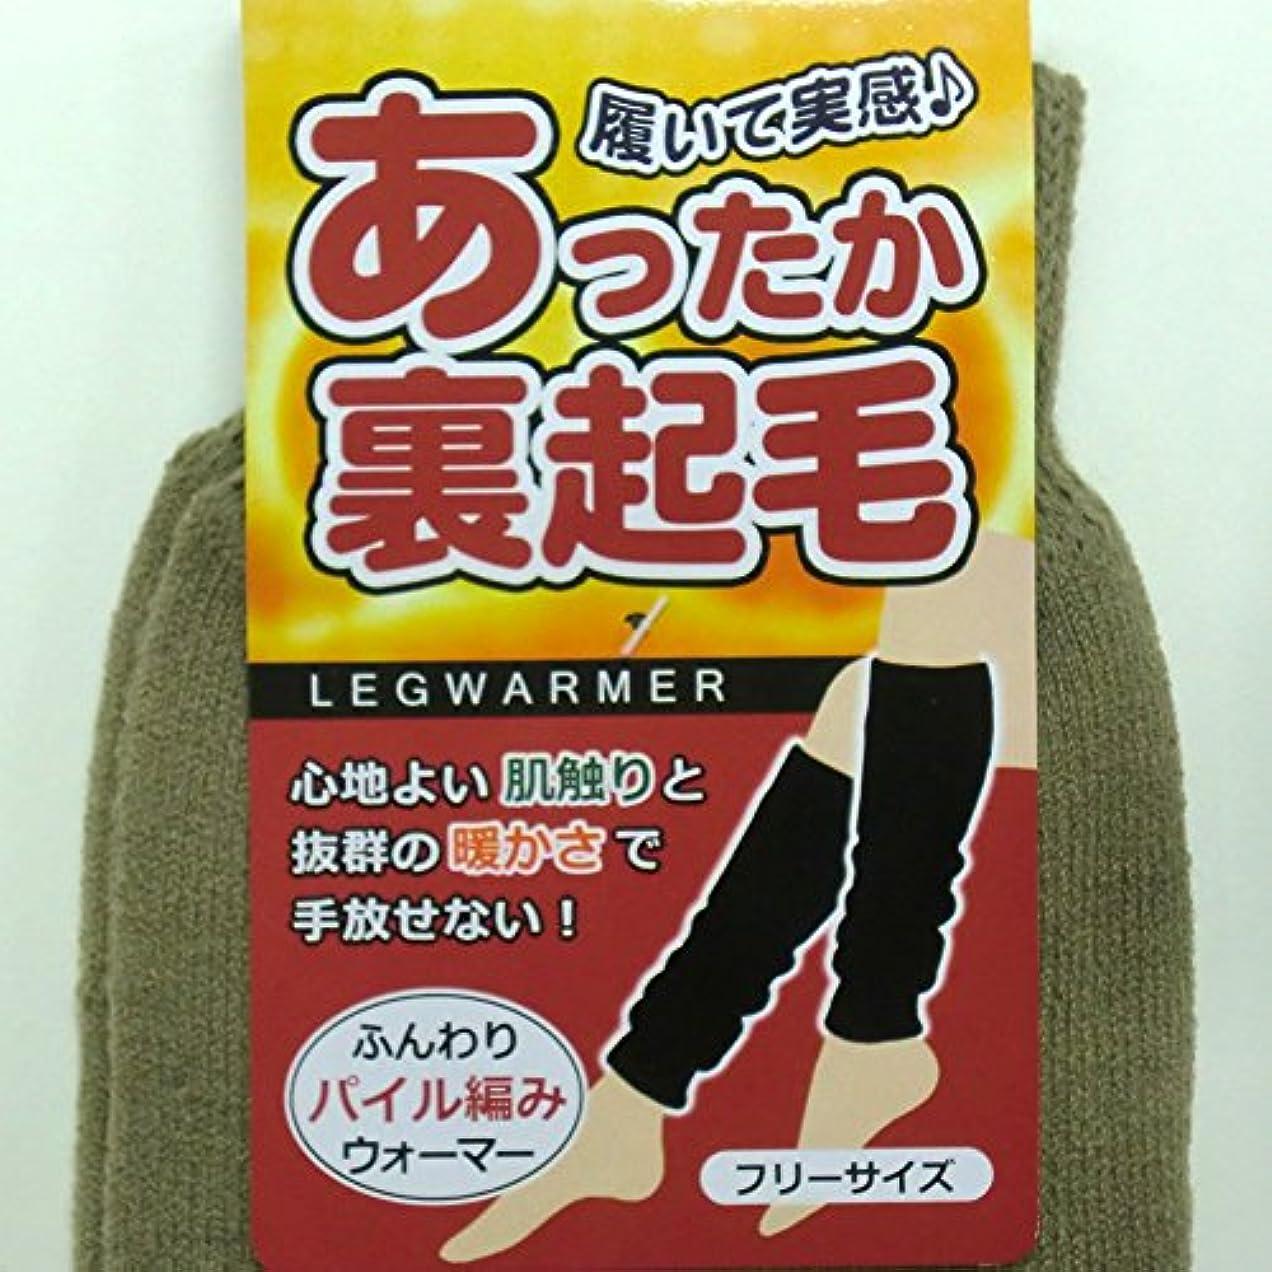 自動的に皮メンタリティあったか ロング レッグウォーマー 45cm丈 裏起毛 パイル編み カプサイシン加工 男女兼用 2足組(柄はお任せ)